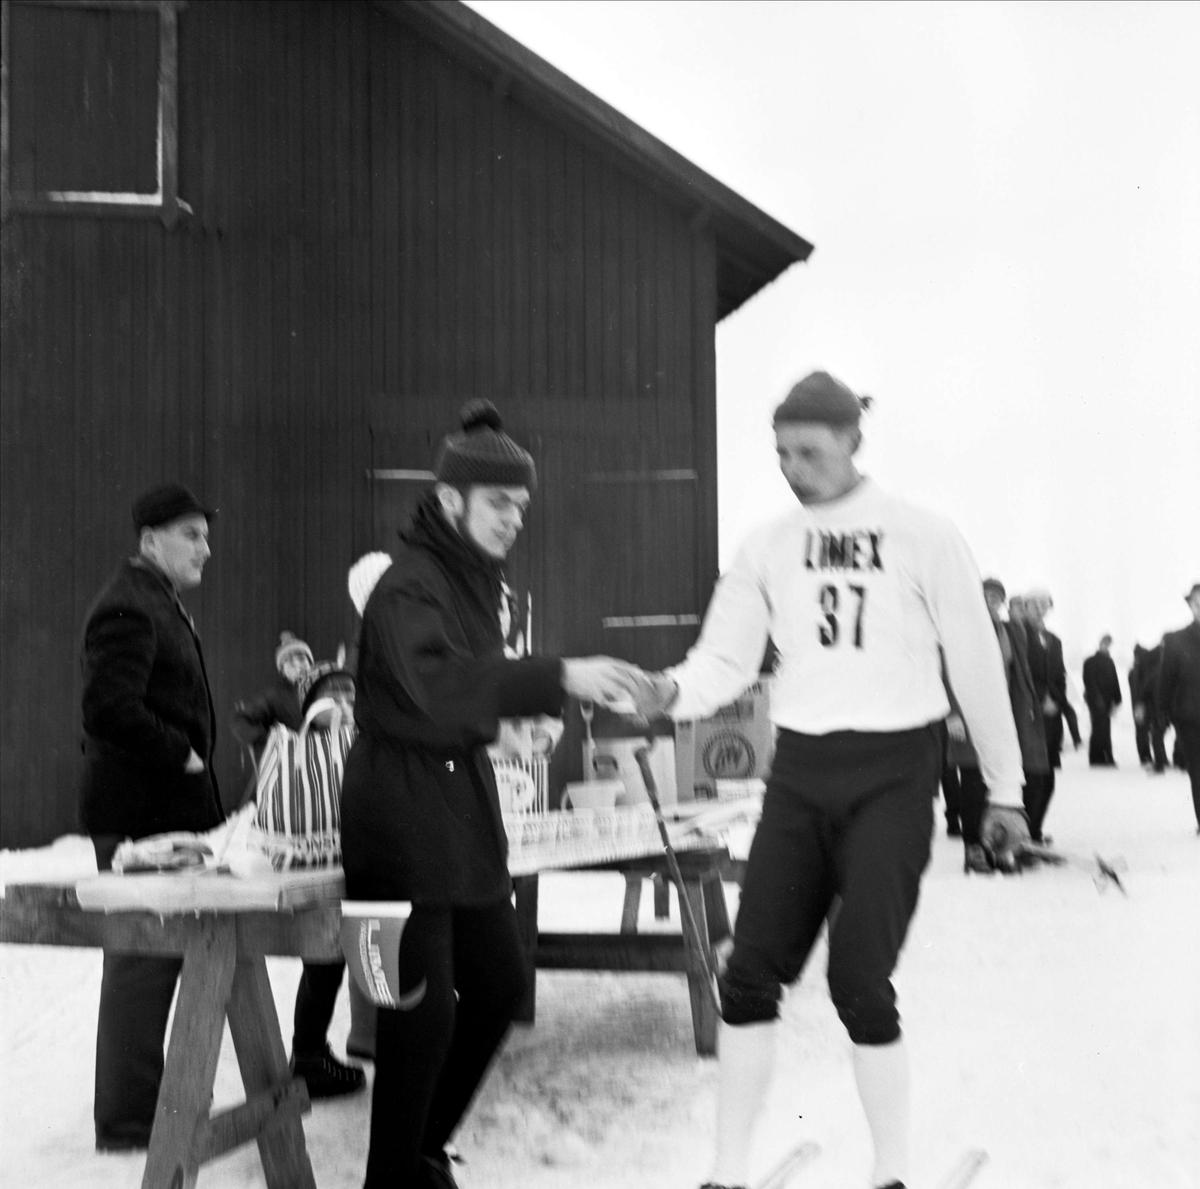 Västskekontroll på skidtävlingen Distansloppet mellan Strömsberg och Tierp